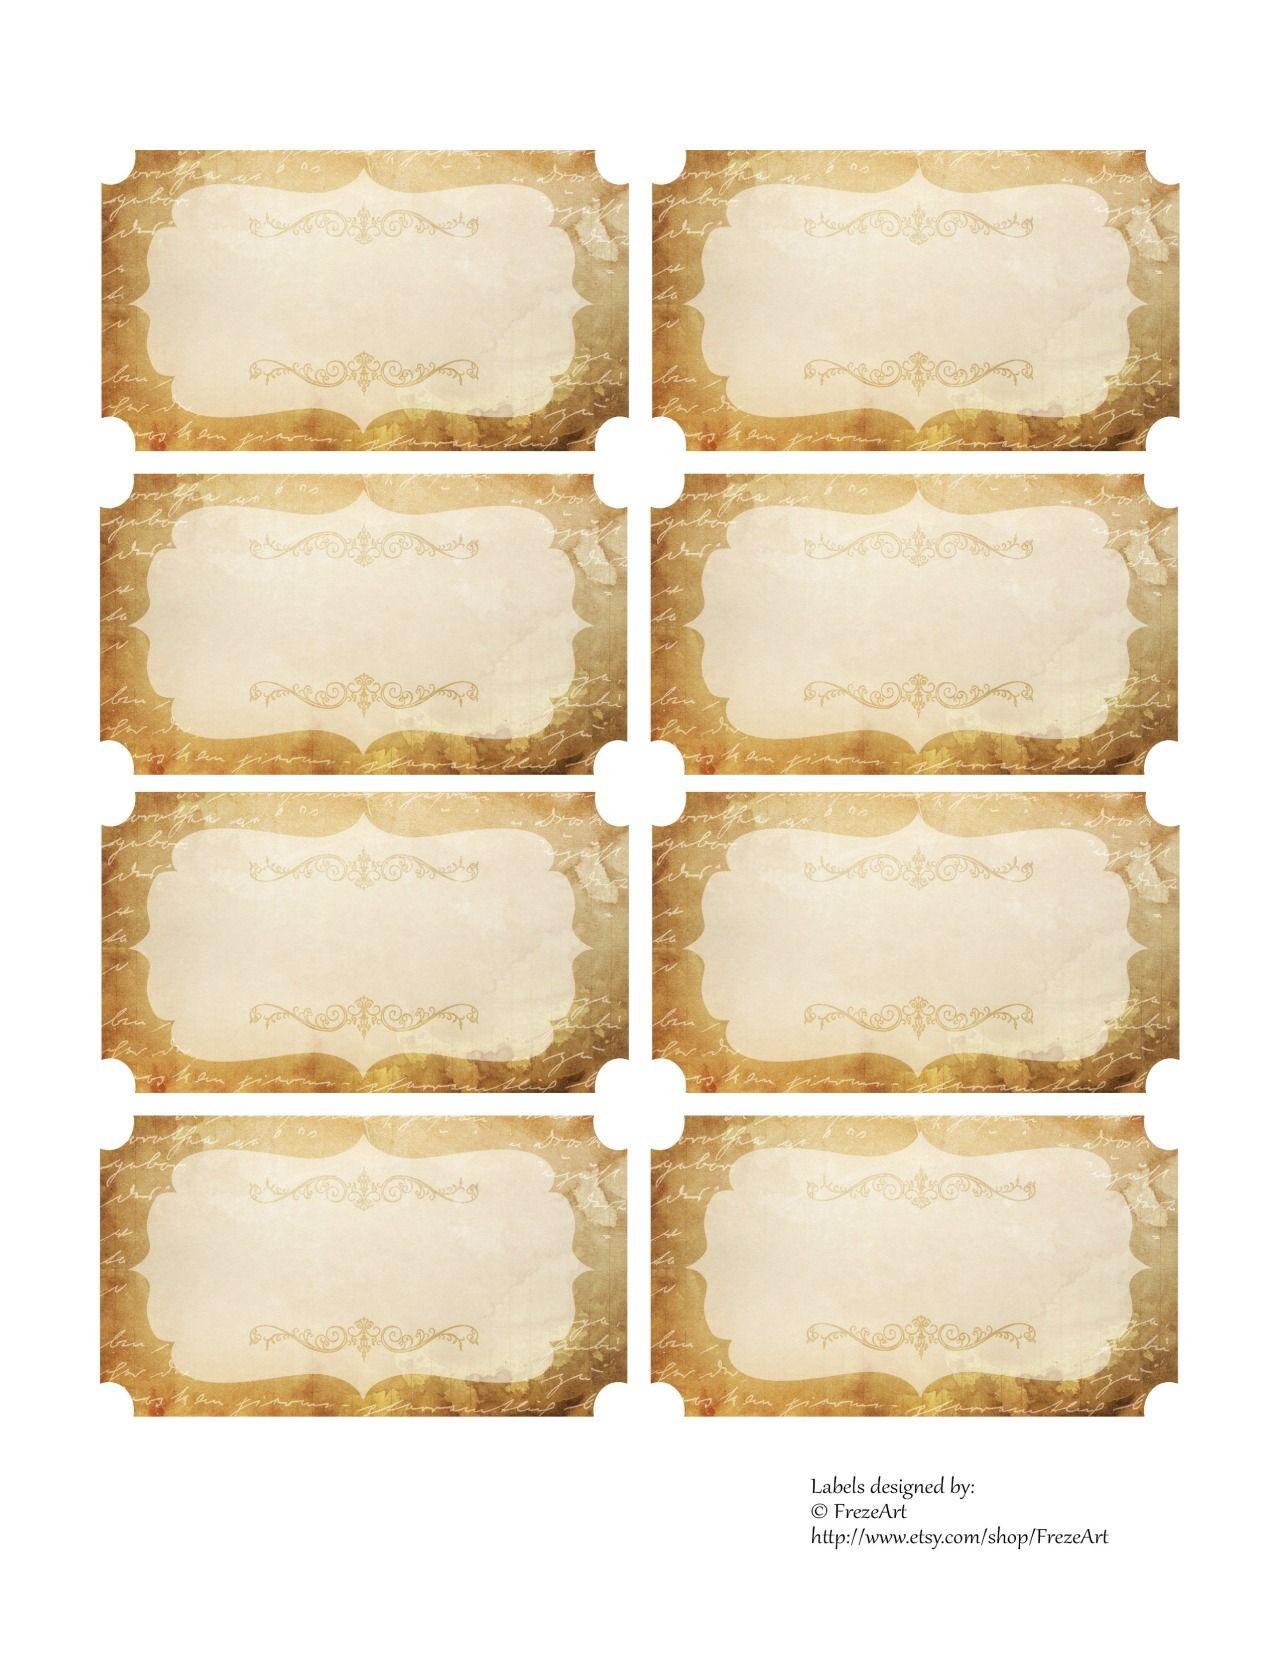 Free Vintage Jar Labels On Digital Collage Sheet Printable Digital Mason Jar Labels Greeting Cards For S Collage Sheet Digital Collage Digital Collage Sheets